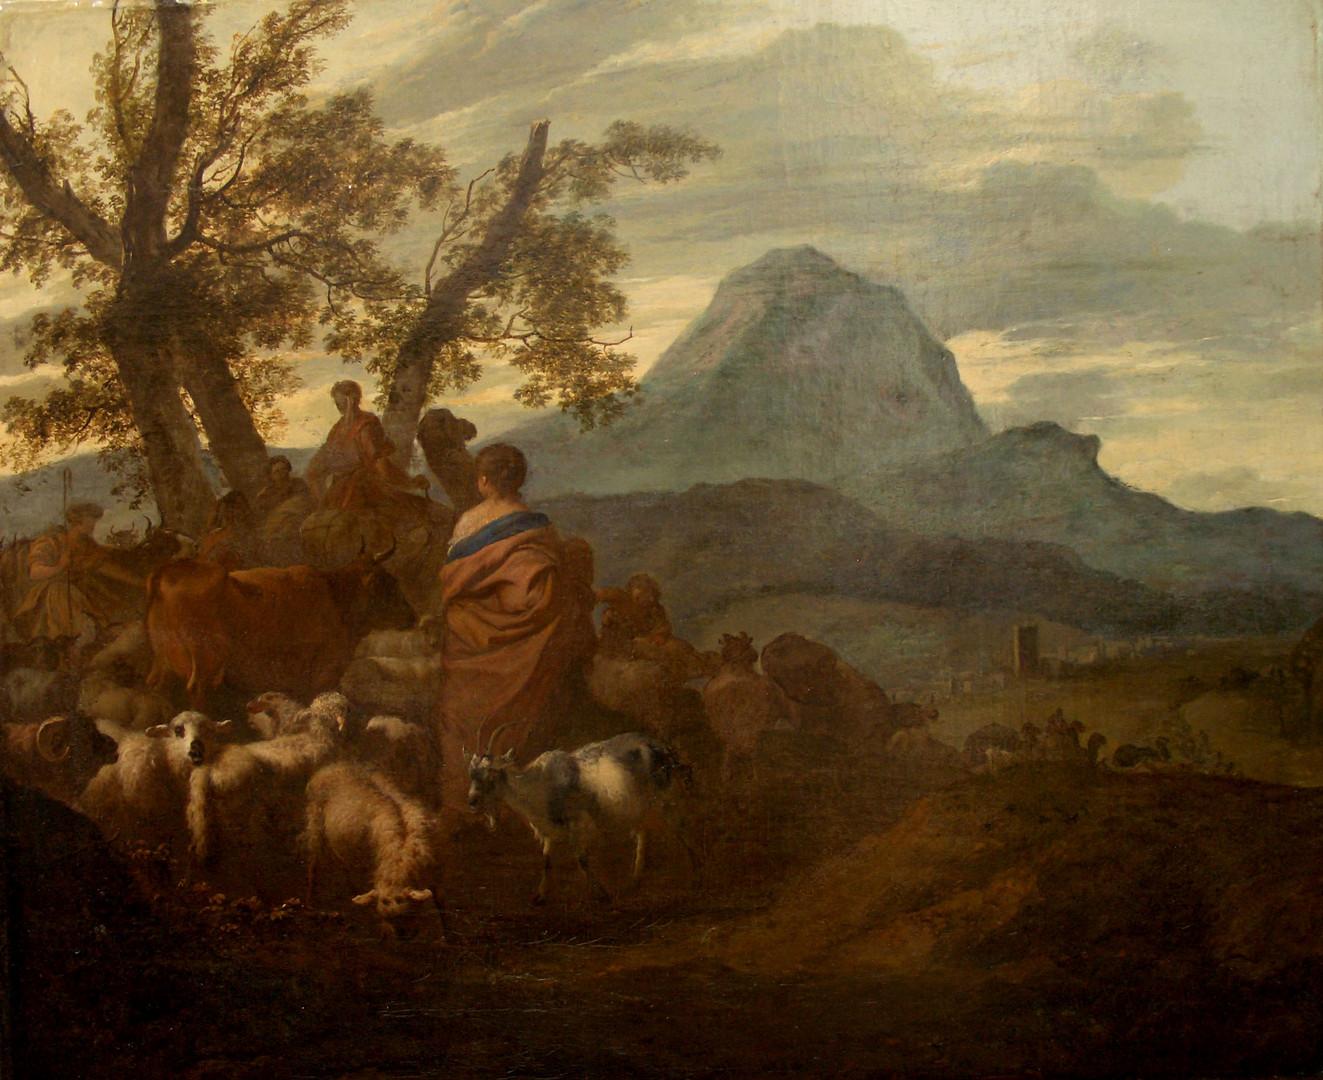 """Симон ван дер Дус """"Пейзаж со сценой исхода Израильтян из Египта"""", 1690-е Холст, масло. 45,5 х 55 см"""